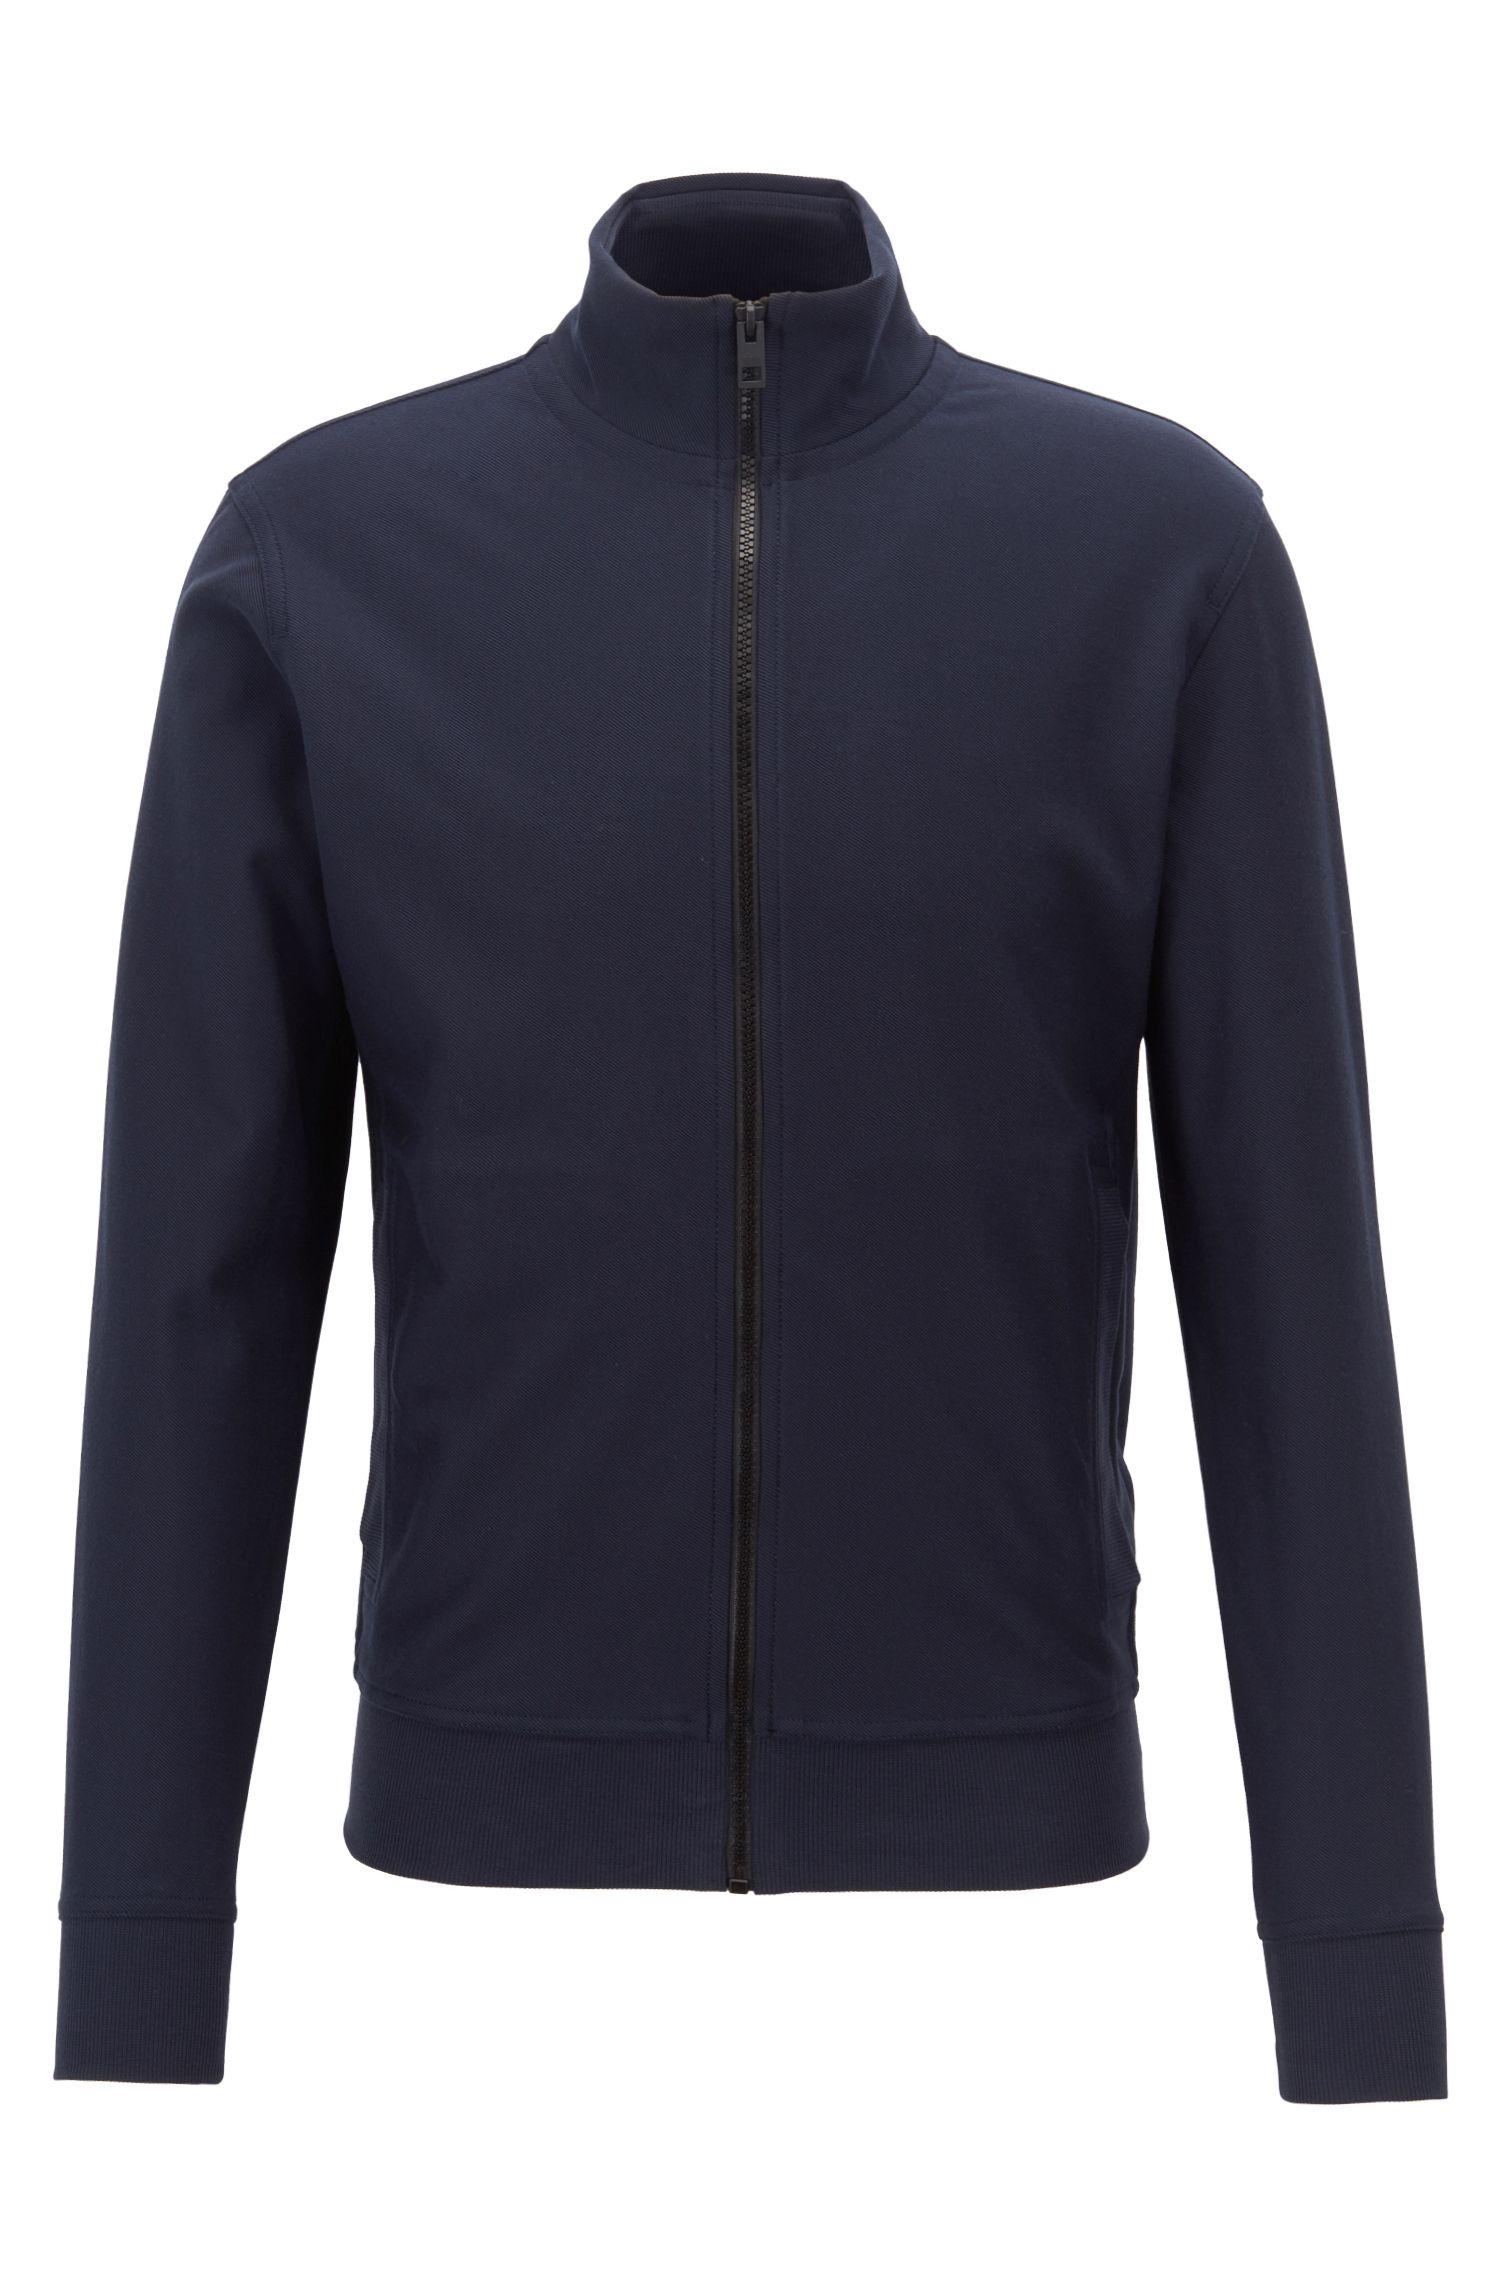 Veste zippée en jersey de twill de coton, Bleu foncé